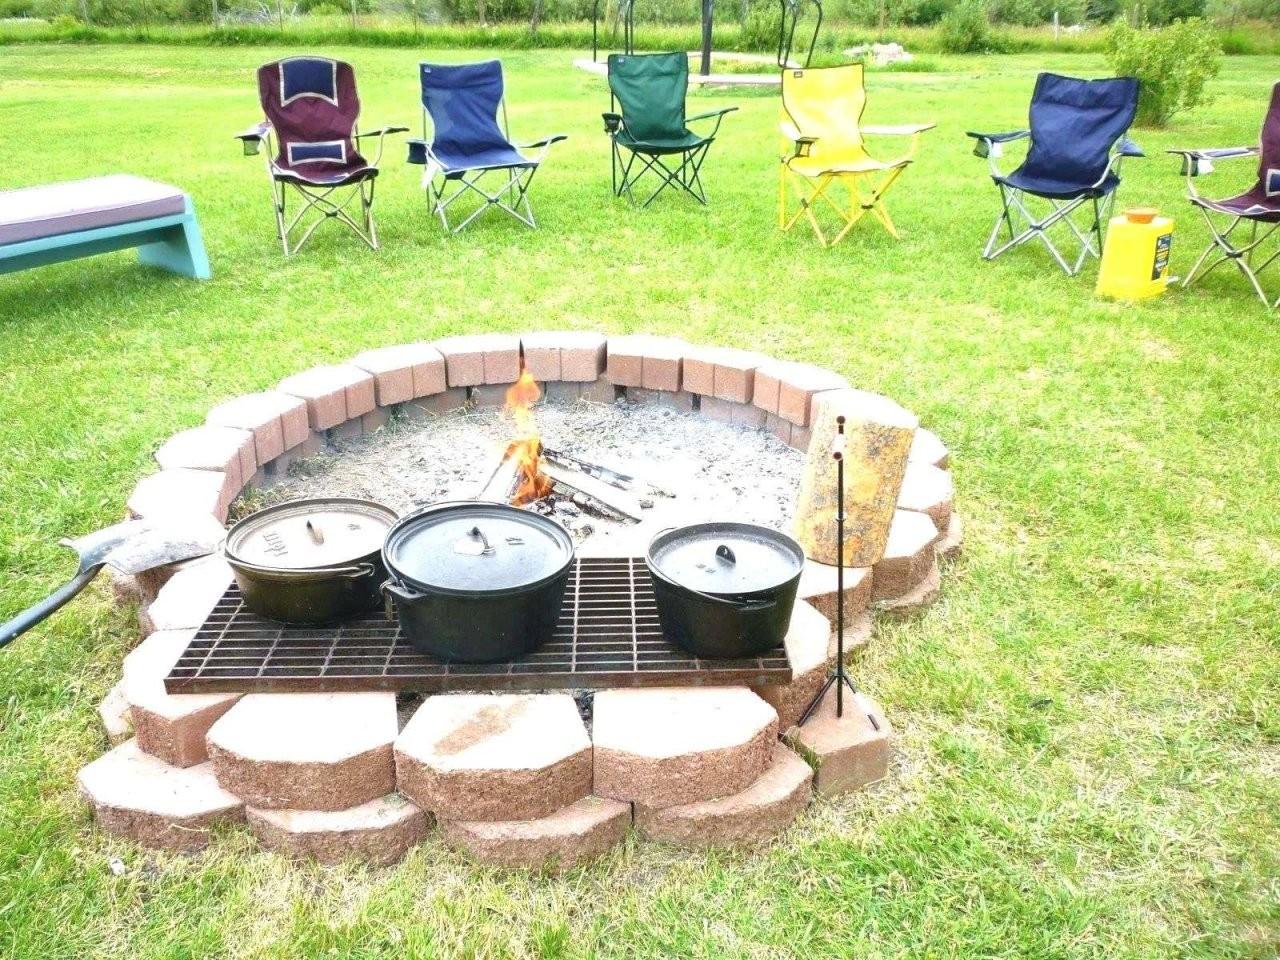 Offene Feuerstelle Im Garten Reizend Tolle 35 Feuerstelle Garten von Offene Feuerstelle Im Garten Erlaubt Photo